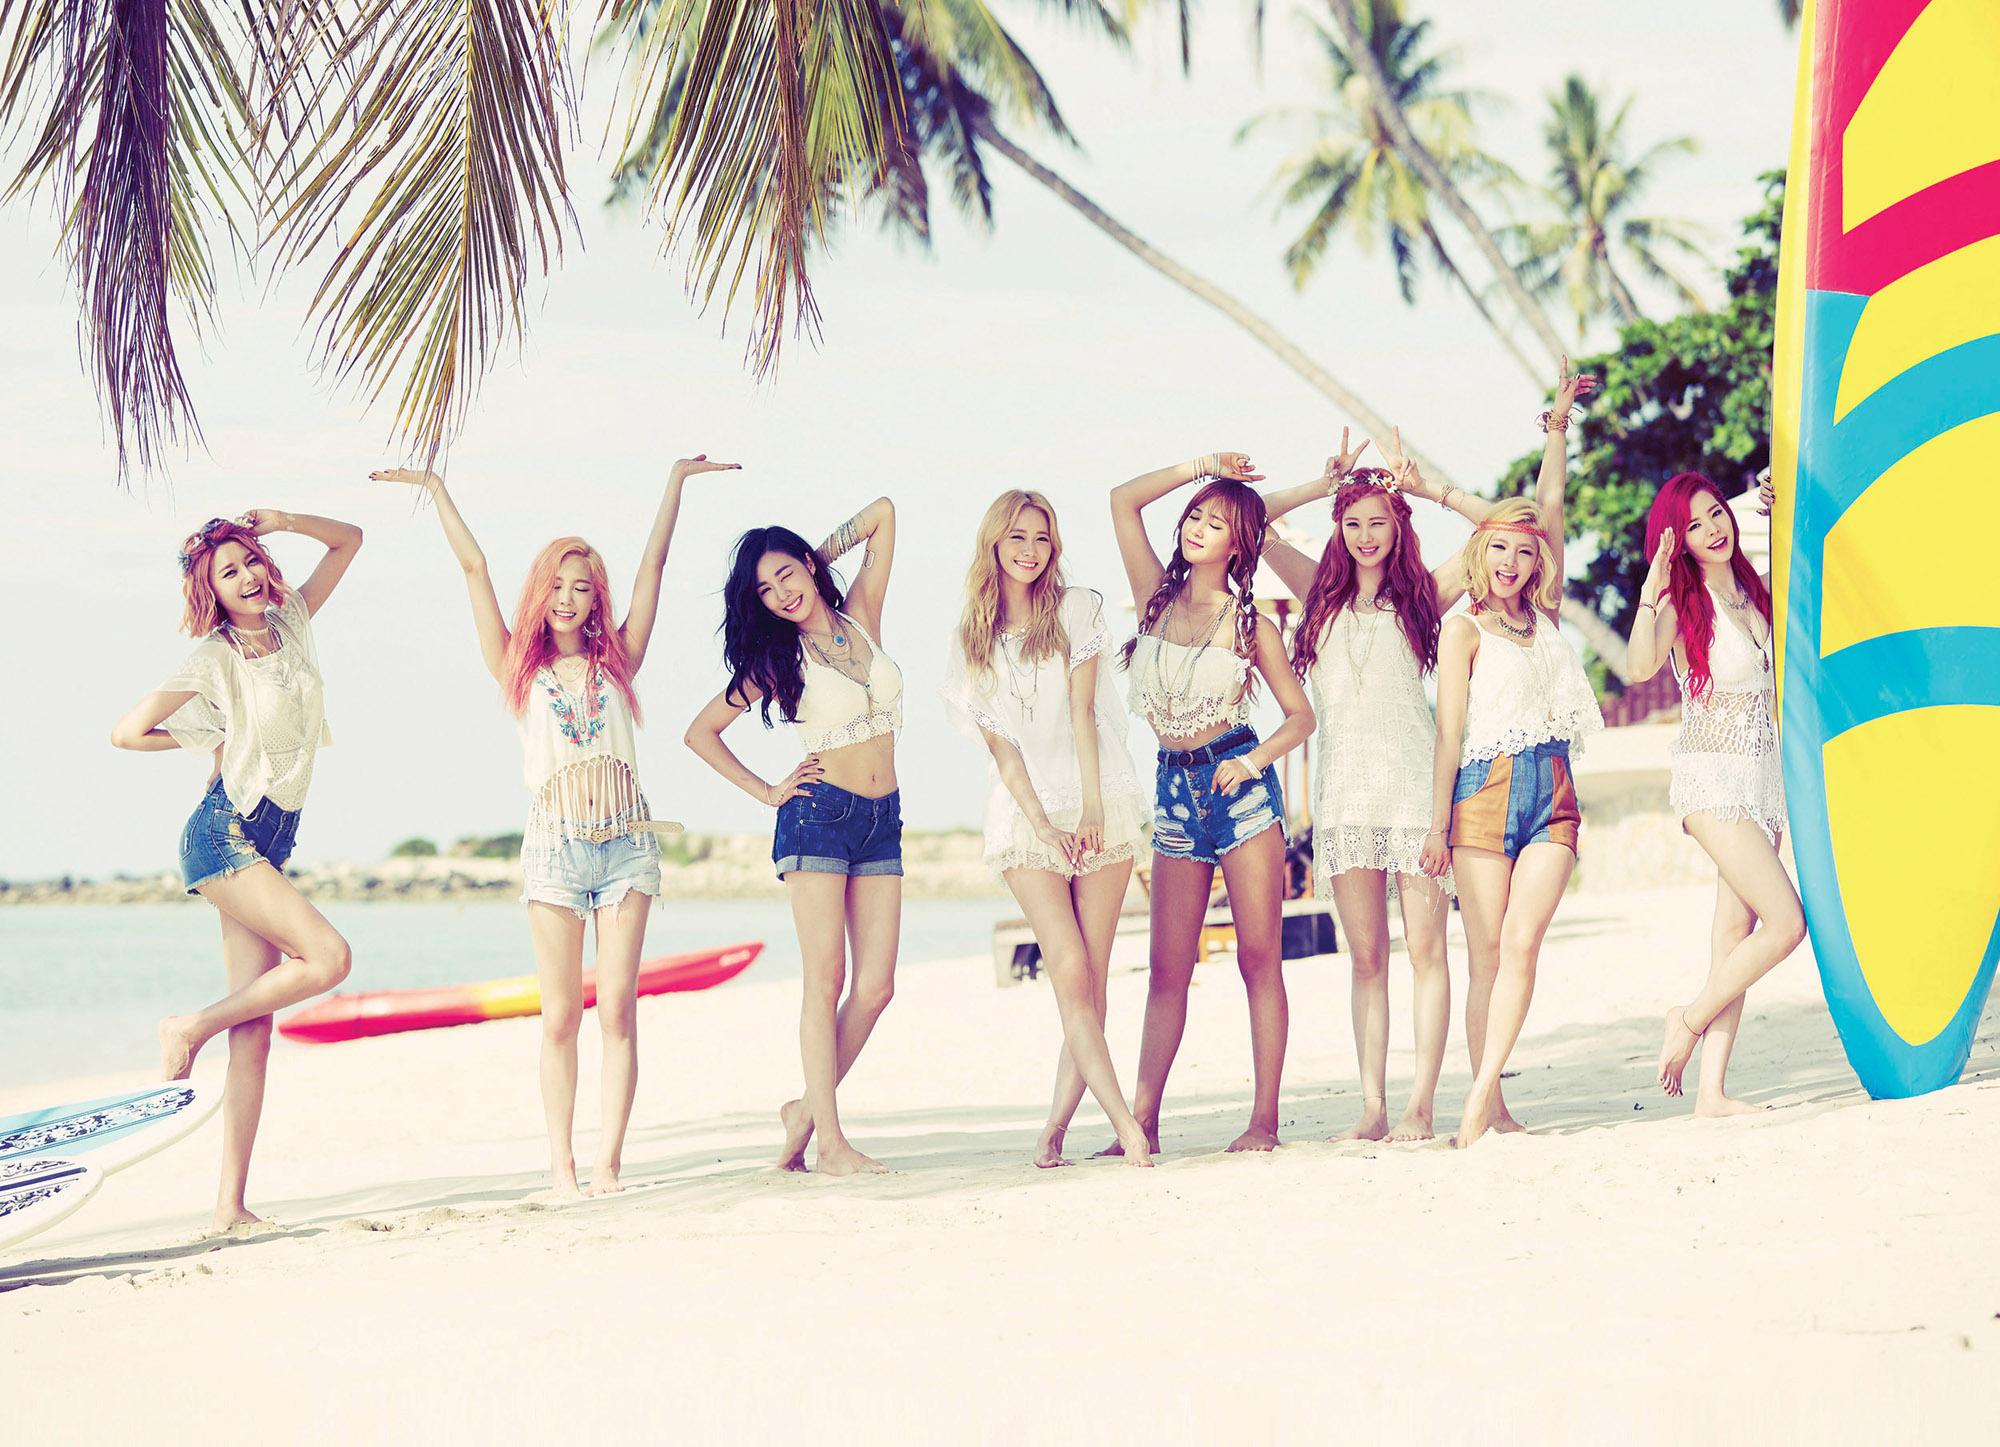 韓國第一女團少女時代又成了話題中心!這次又是什麼事情?